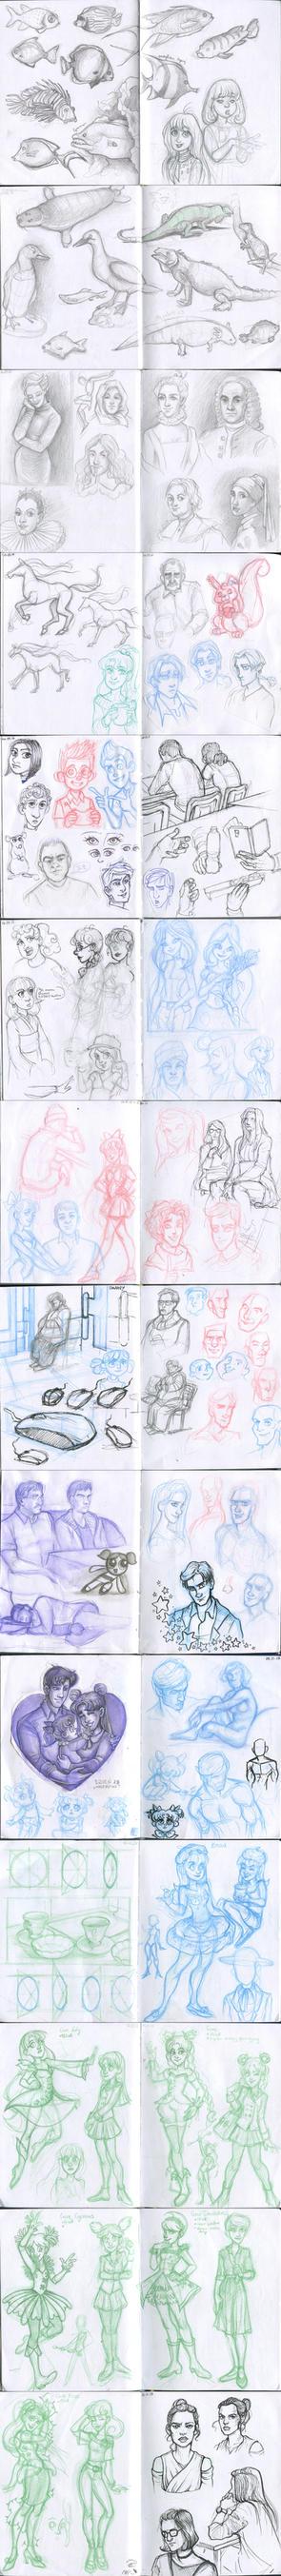 My sketchbook 39 by Annorelka